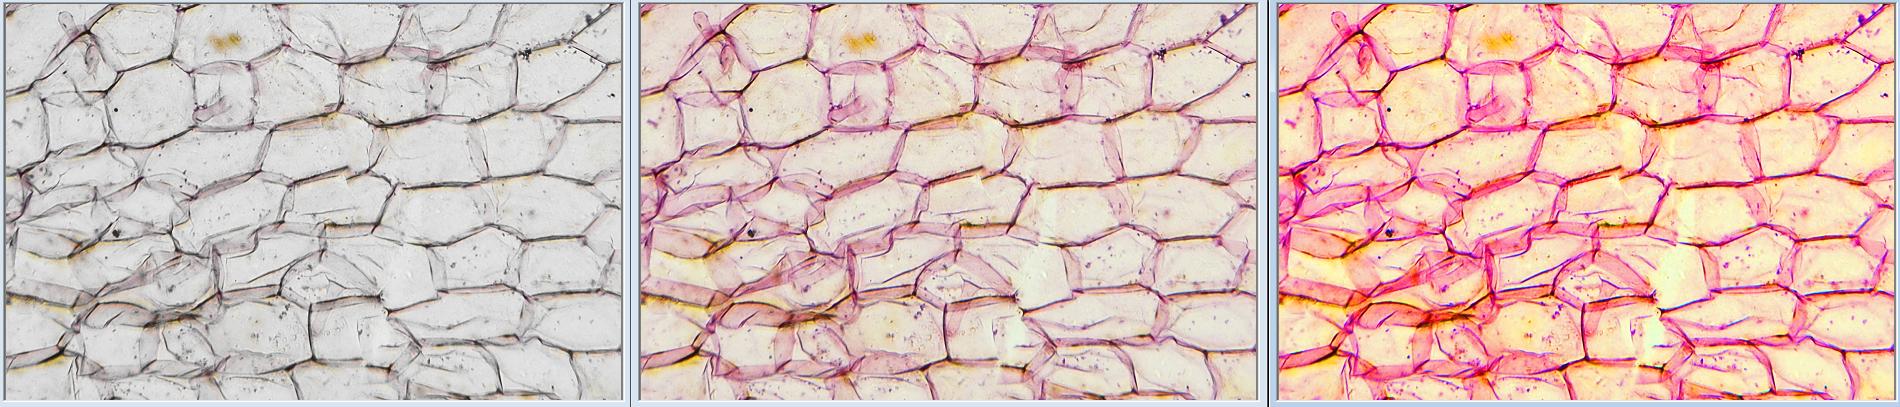 植物細胞_彩度